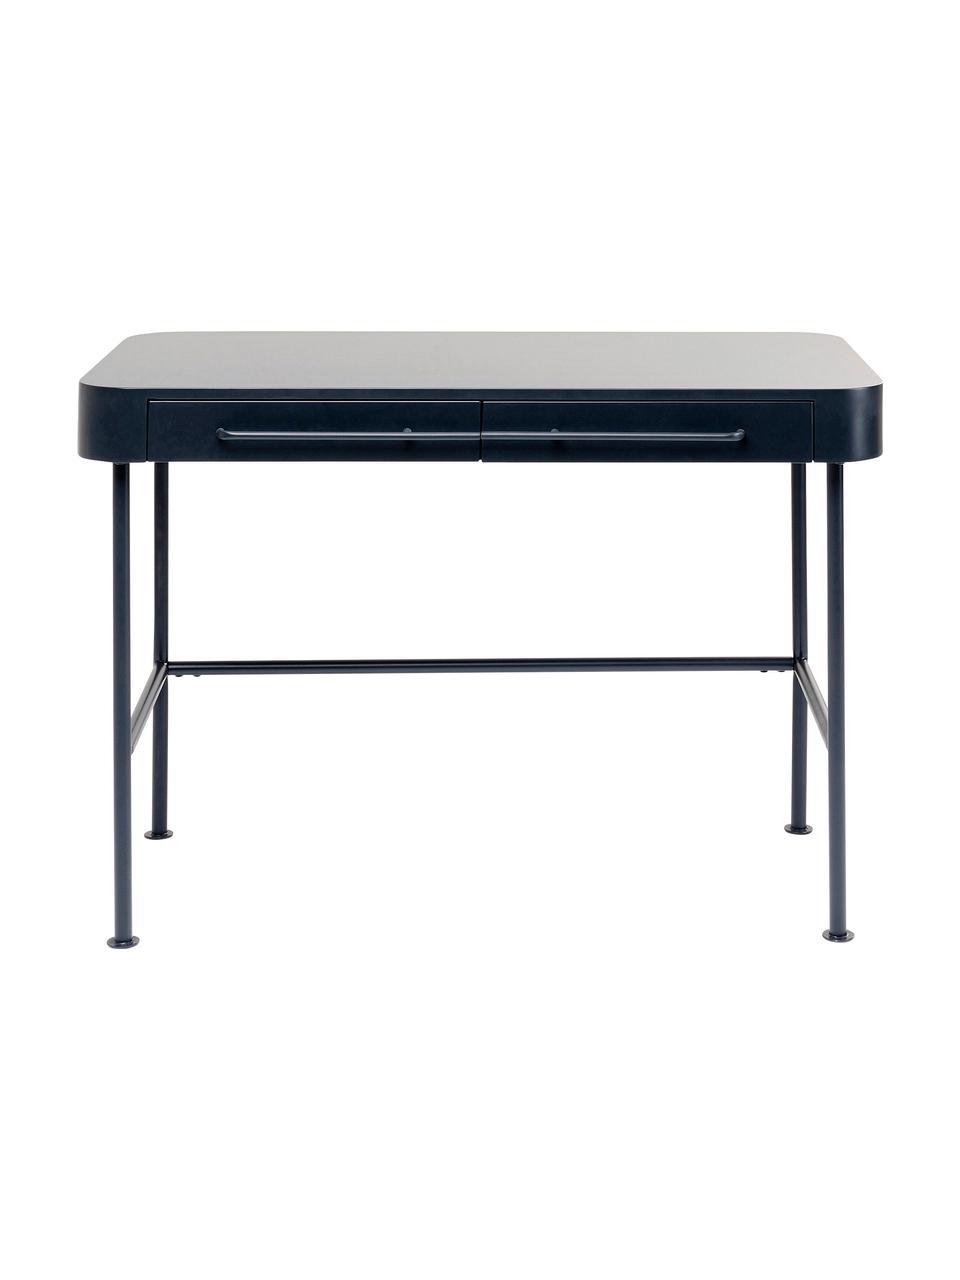 Schreibtisch Montieri in Dunkelgrau, Beine: Stahl, pulverbeschichtet, Griffe: Stahl, pulverbeschichtet, Anthrazit, B 100 x T 55 cm